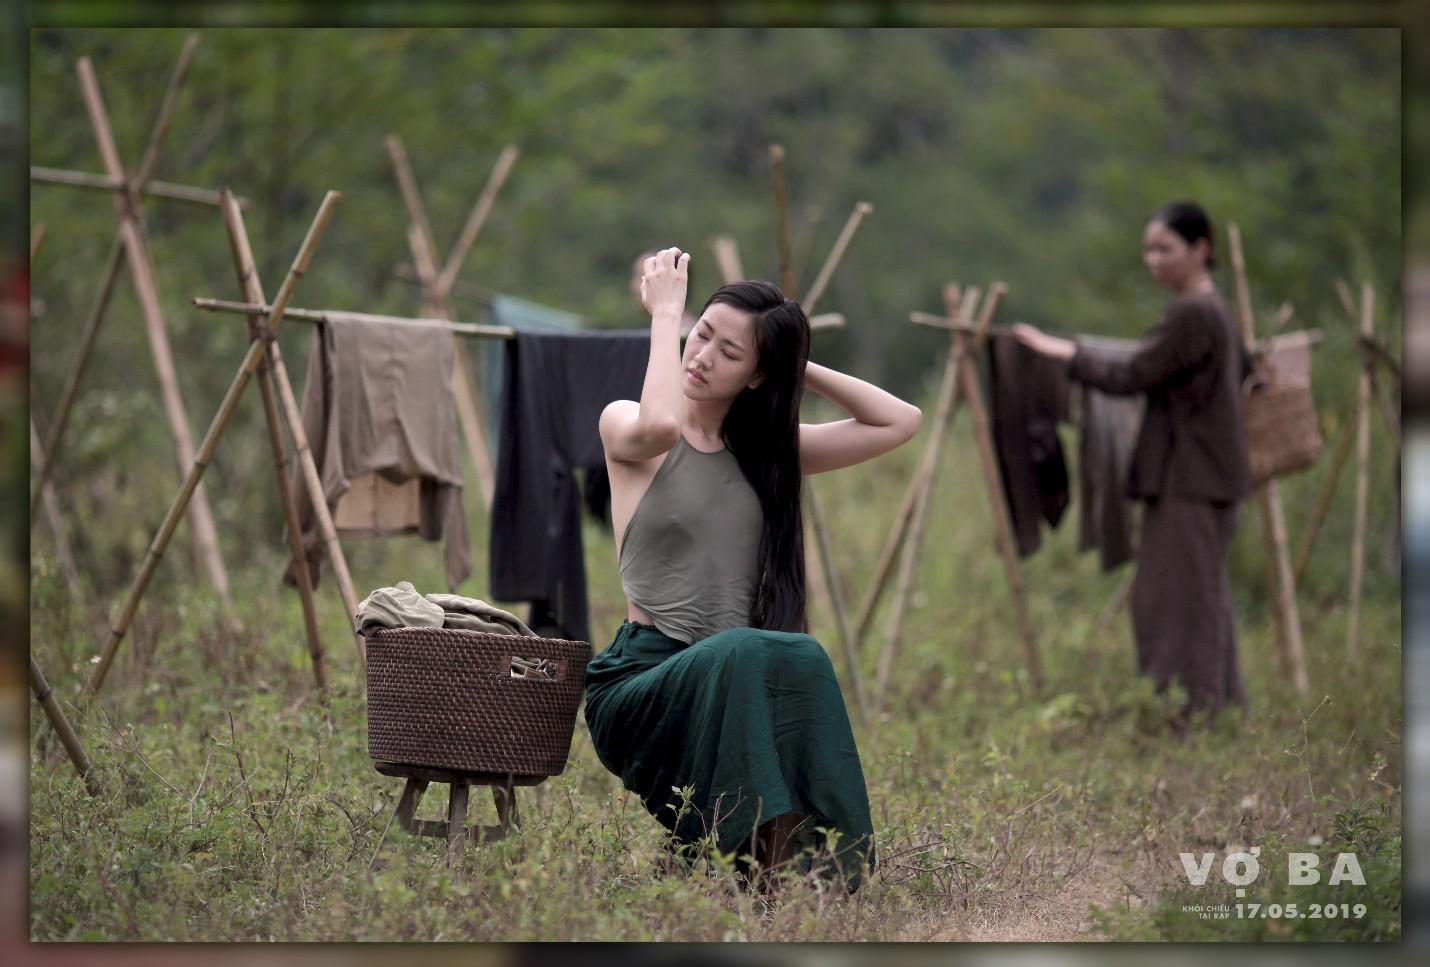 Người Vợ Ba: Vẻ đẹp nước đôi giữa truyền thống và câu chuyện phụ nữ hậu hiện đại - Ảnh 10.